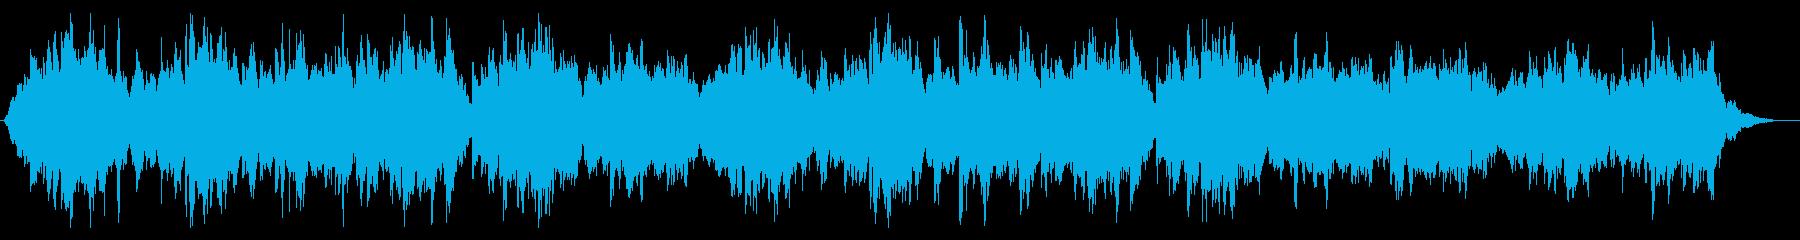 ハープで切なく神秘的な曲の再生済みの波形